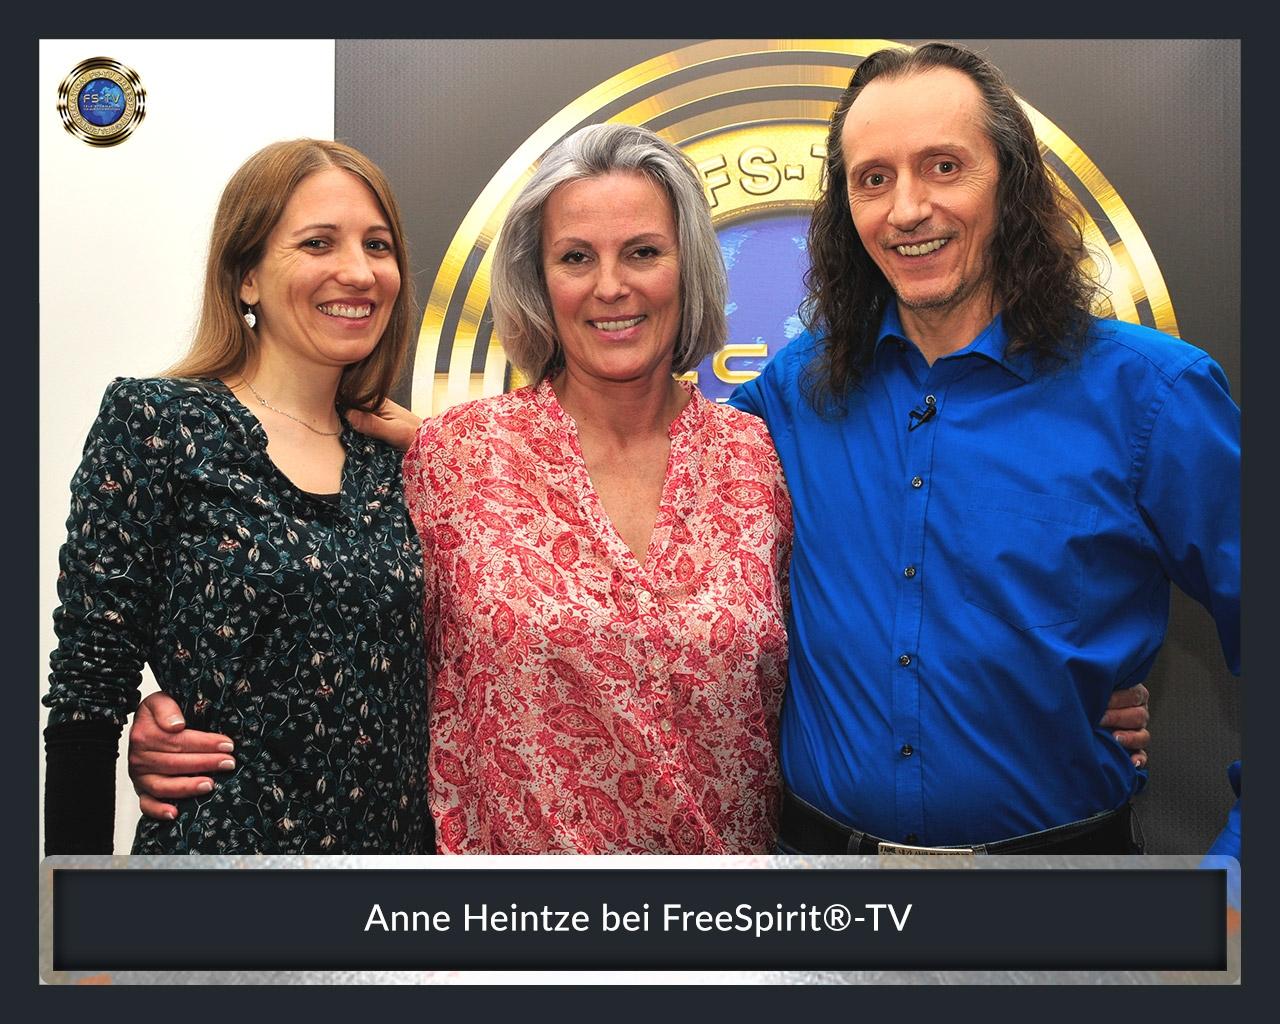 FS-TV-Bildergallerie-Anne-Heintze-2